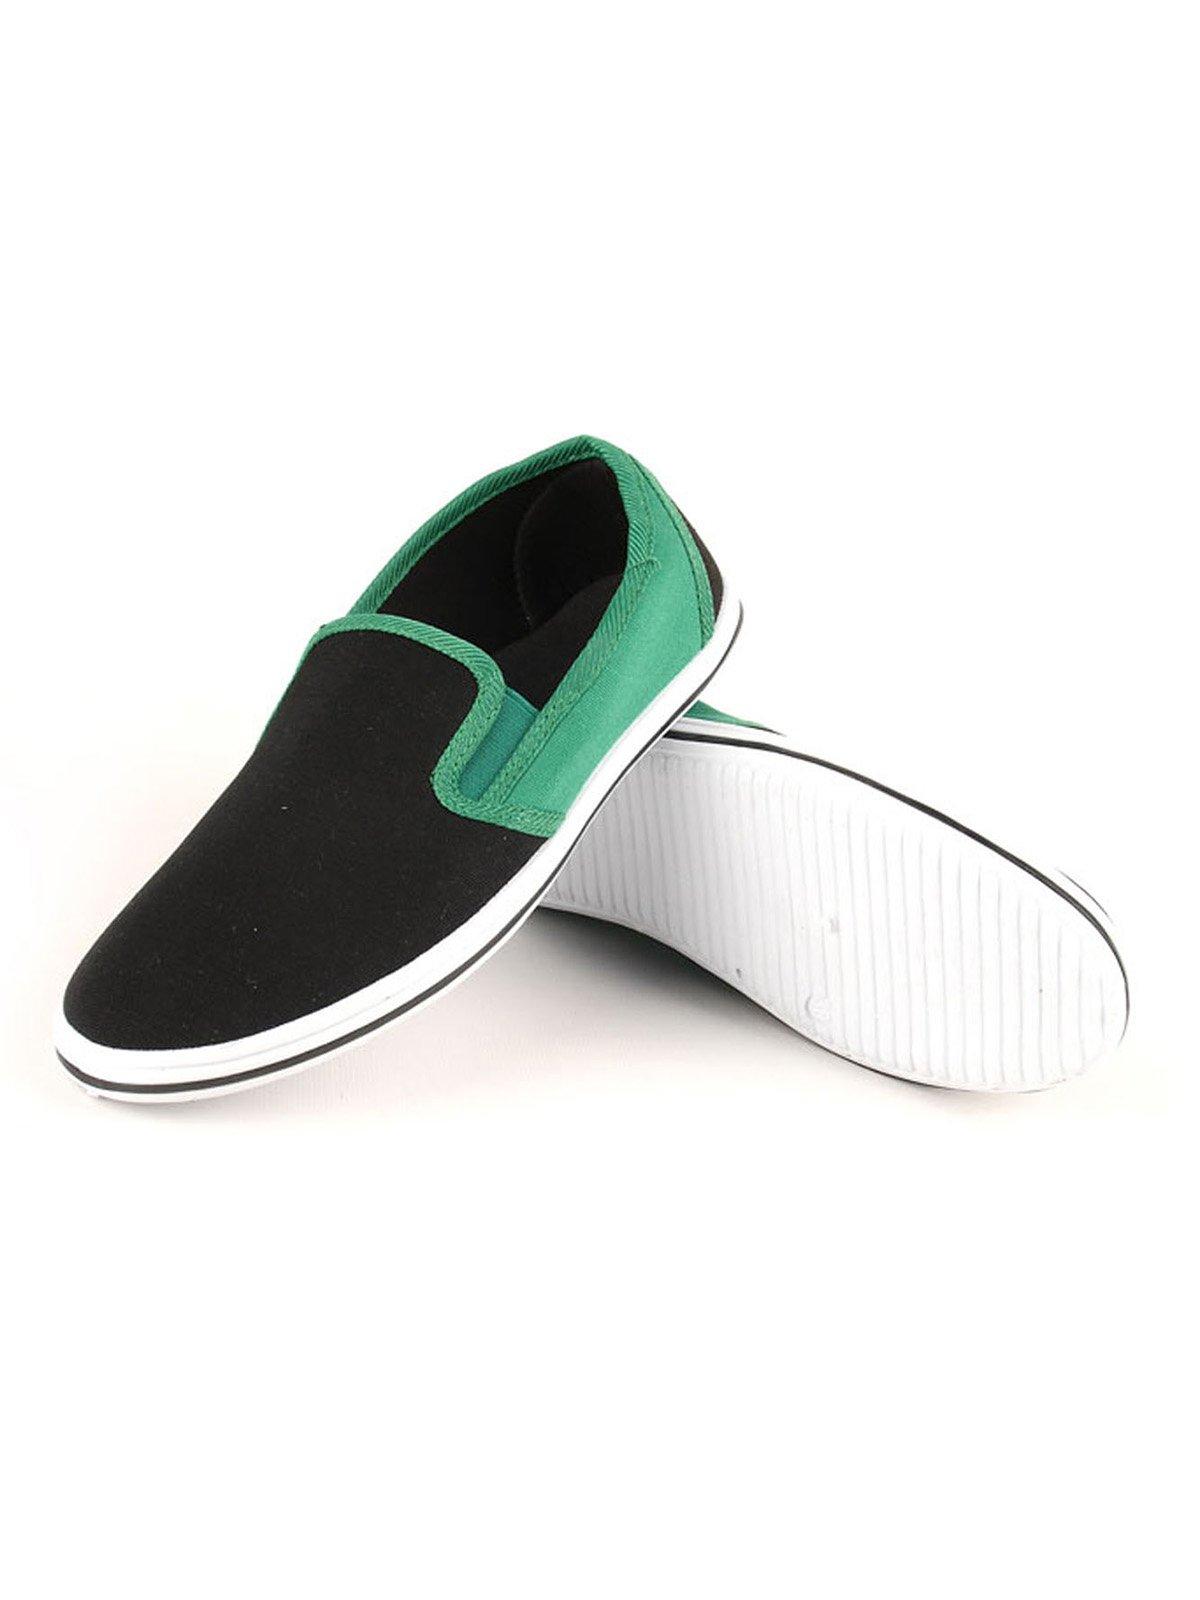 Слипоны черно-зеленые | 2086361 | фото 2